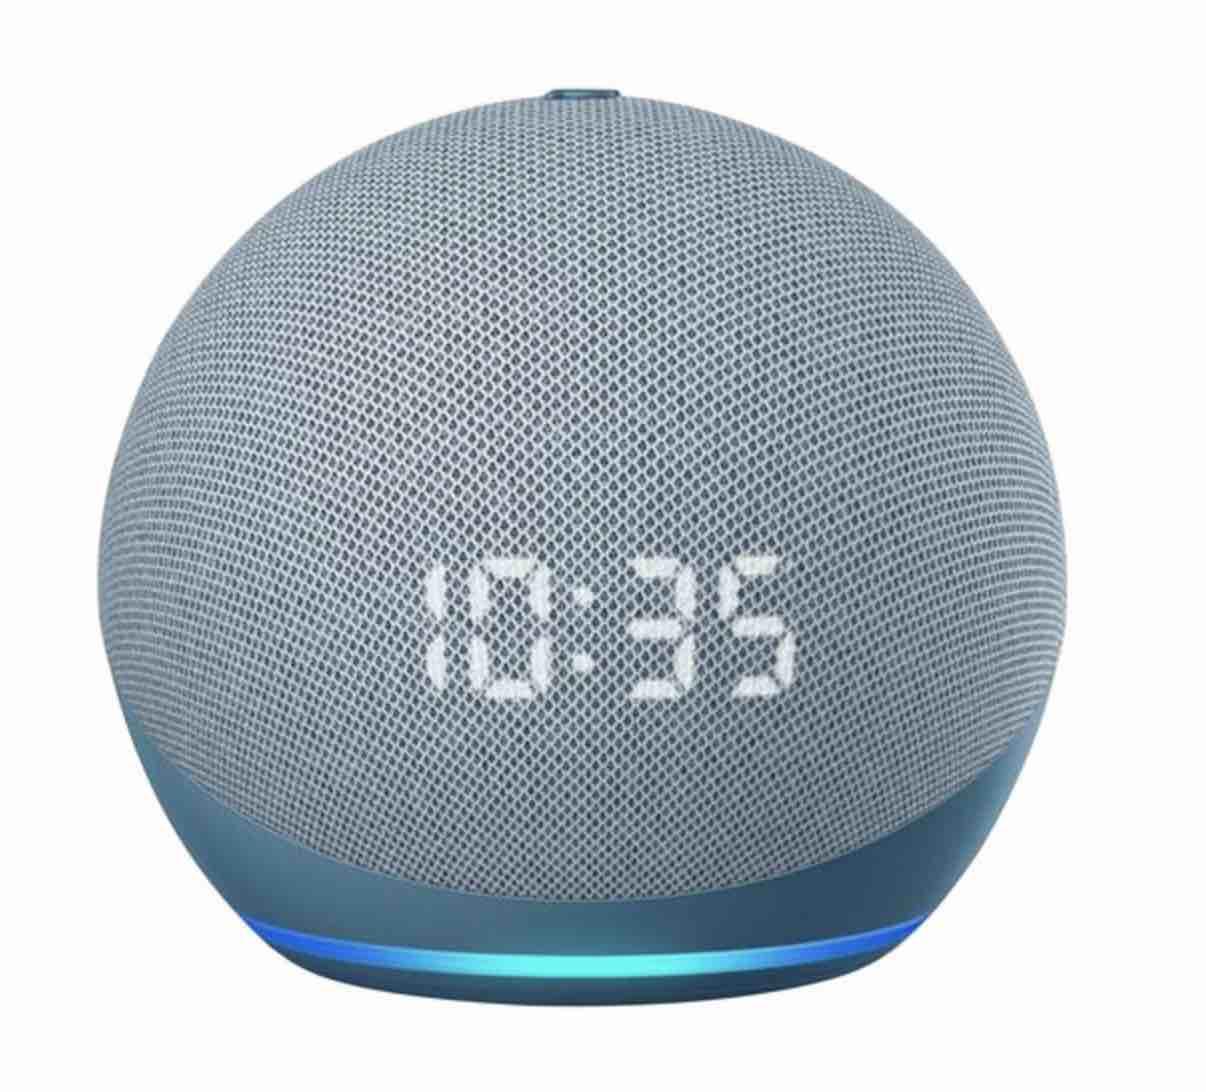 smart speaker at Best Buy